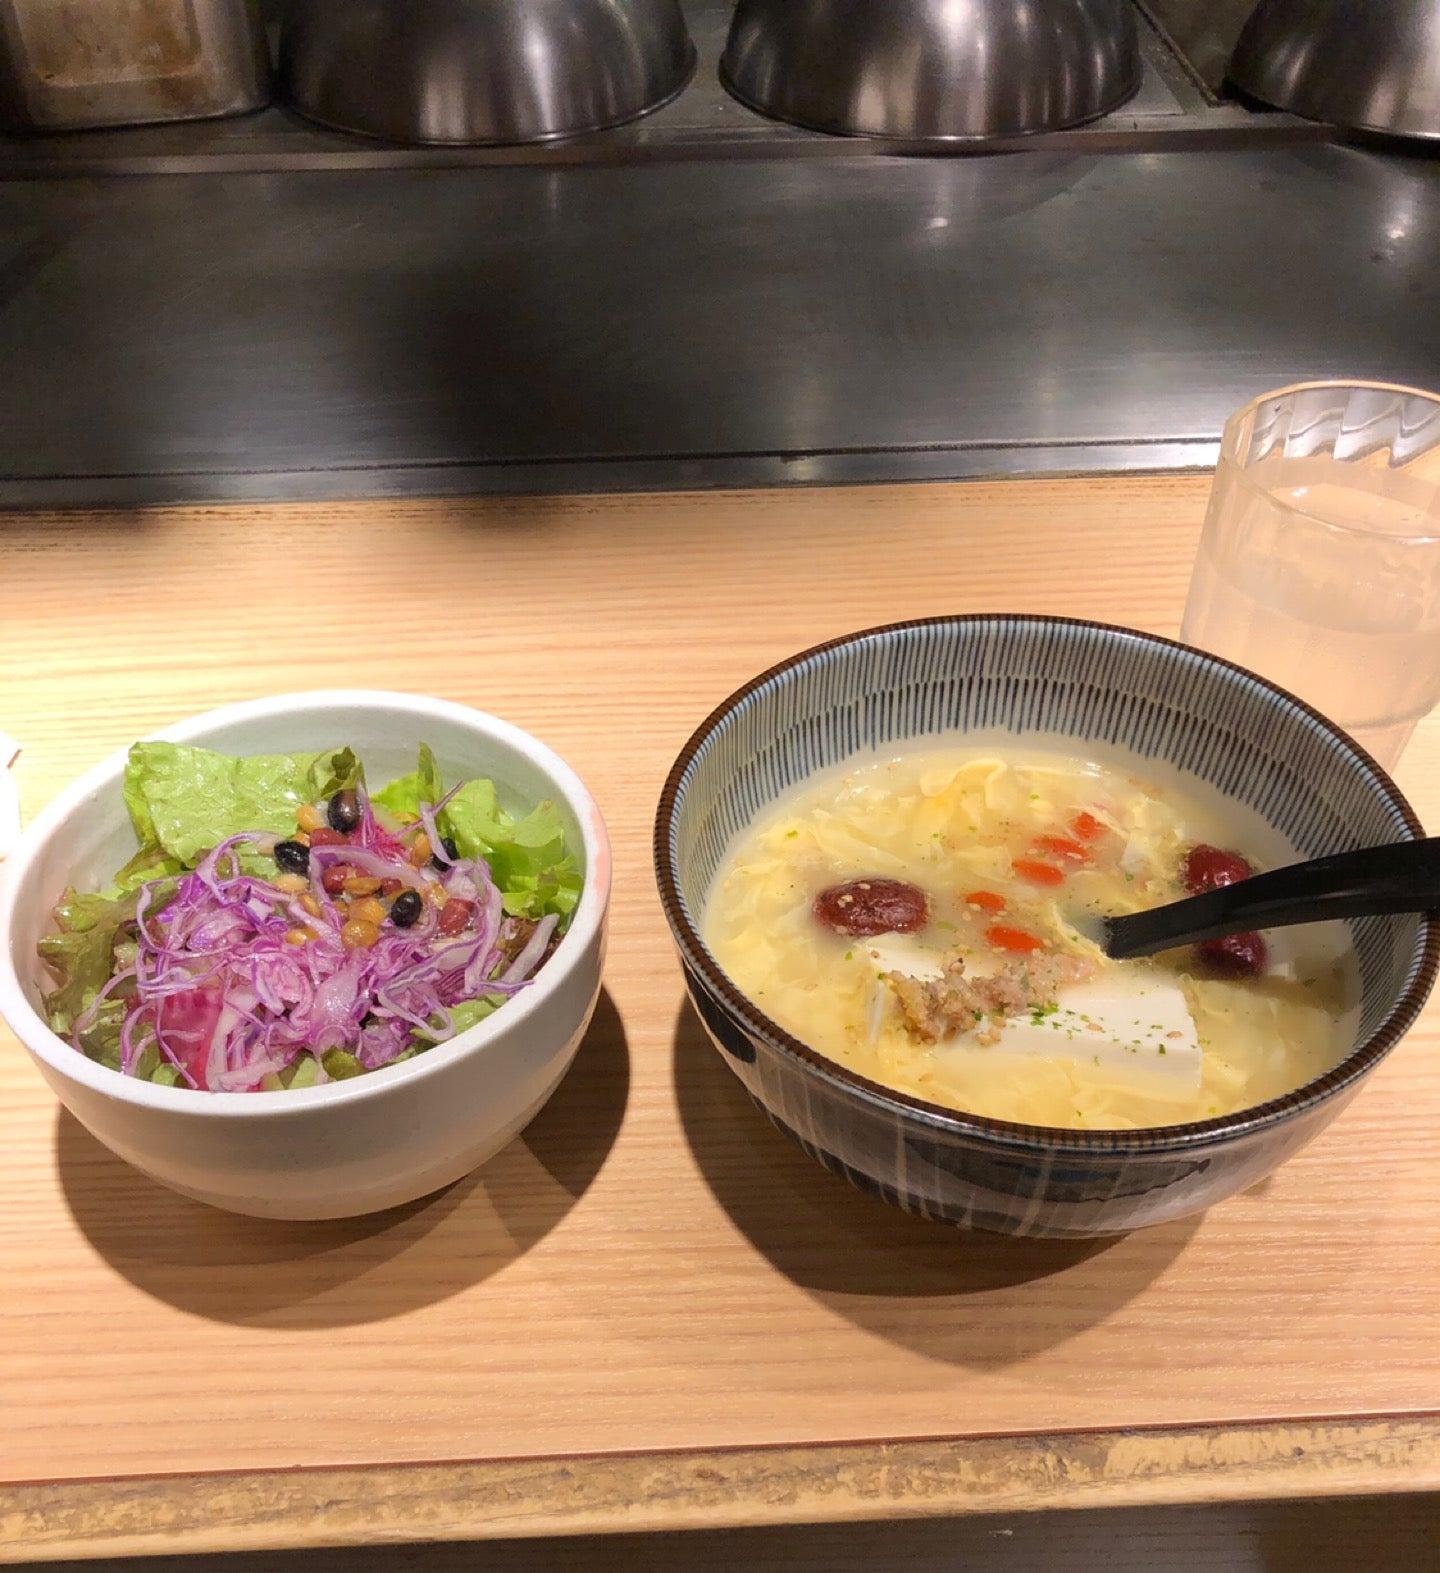 クコの実や豆腐などが入った薬膳スープ。五穀の健康サラダ。 (@ かしわ 名古屋JRゲートタワー店 in 名古屋市中村区, 愛知県) https://t.co/SayBN3vLbp https://t.co/Lyz7lMNPYr